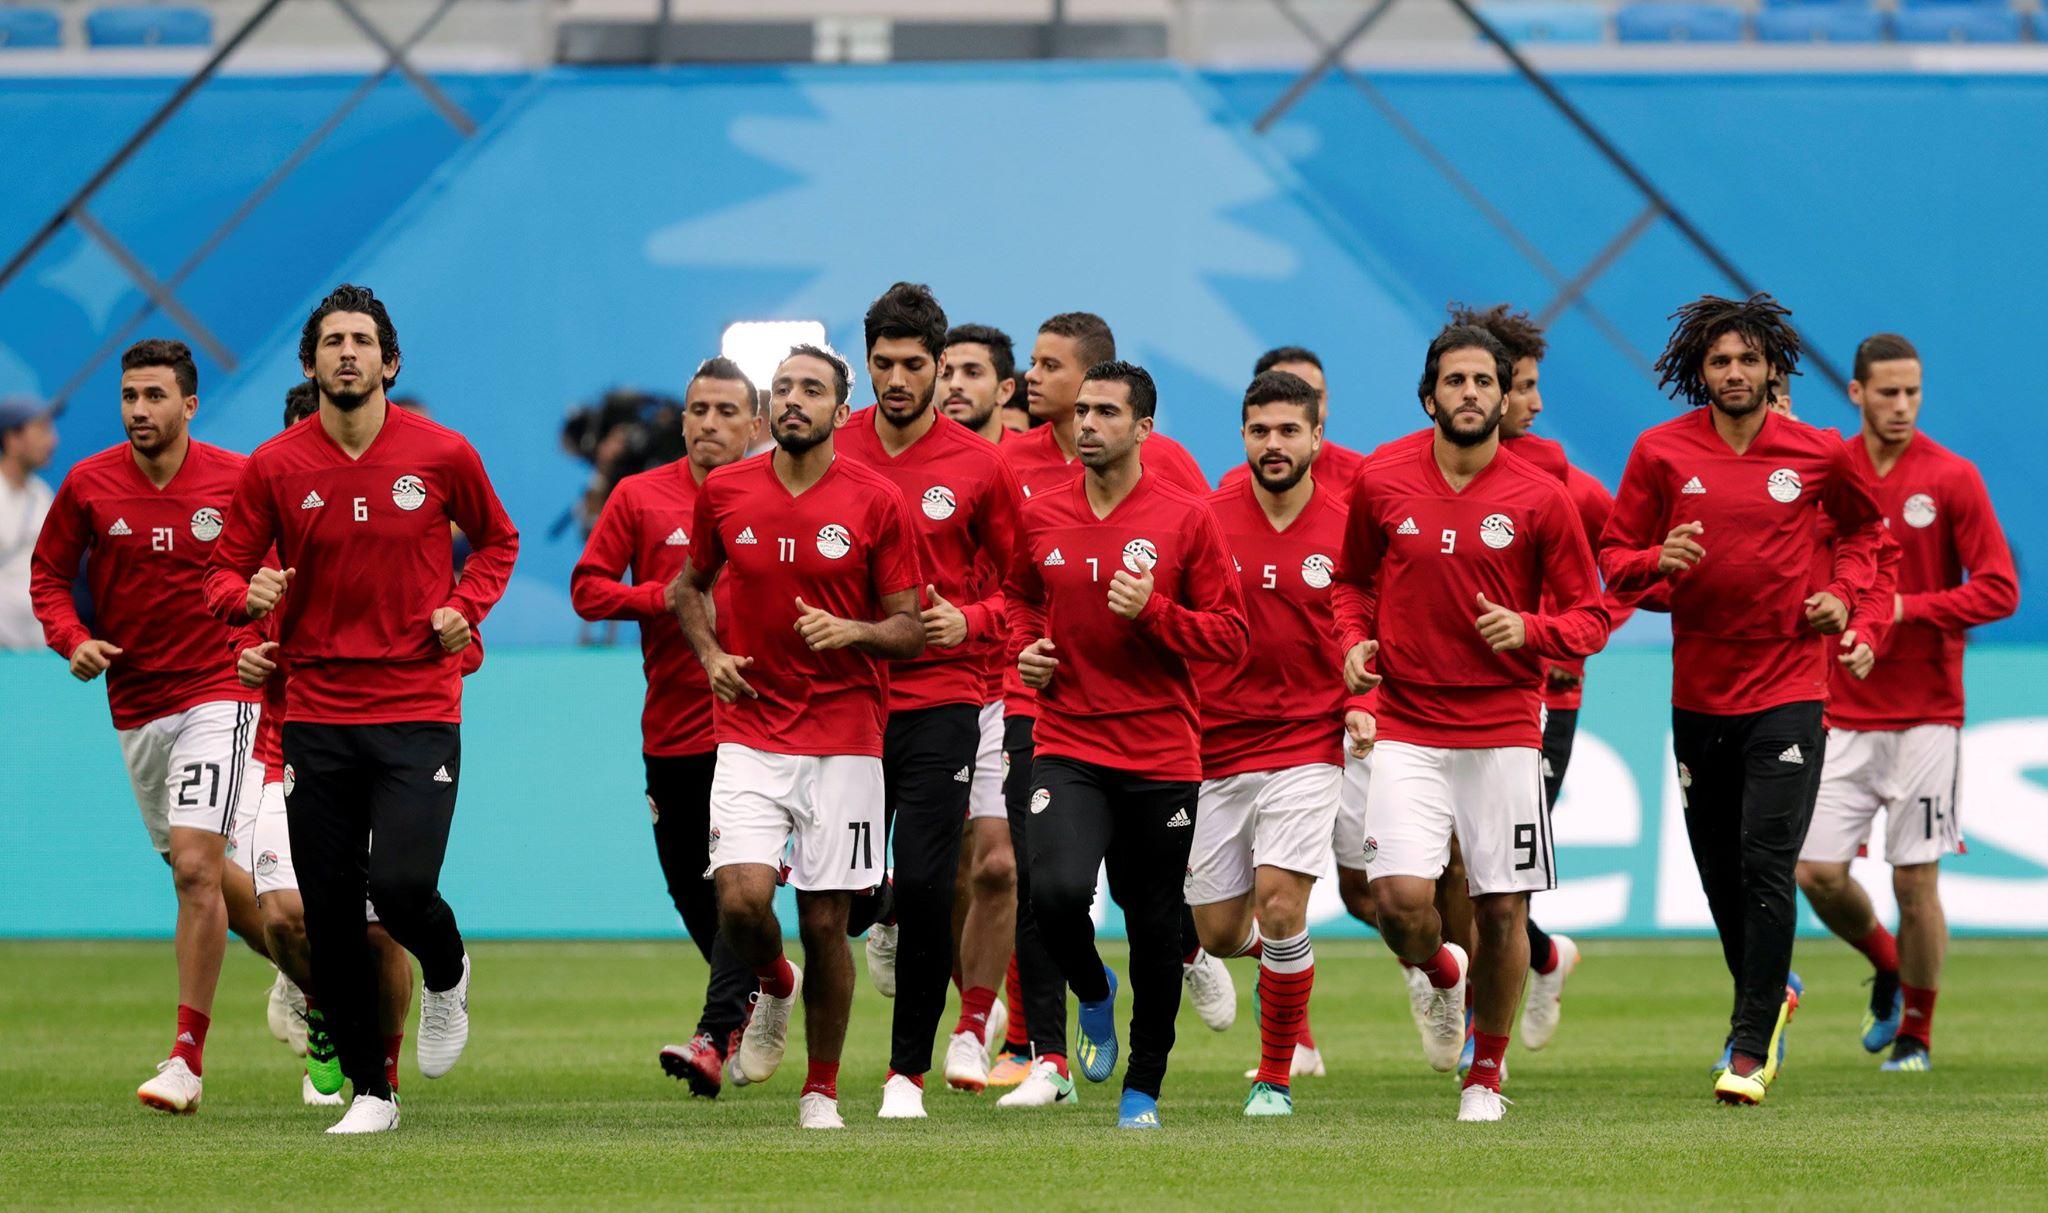 تمرين المنتخب قبل مباراة روسيا